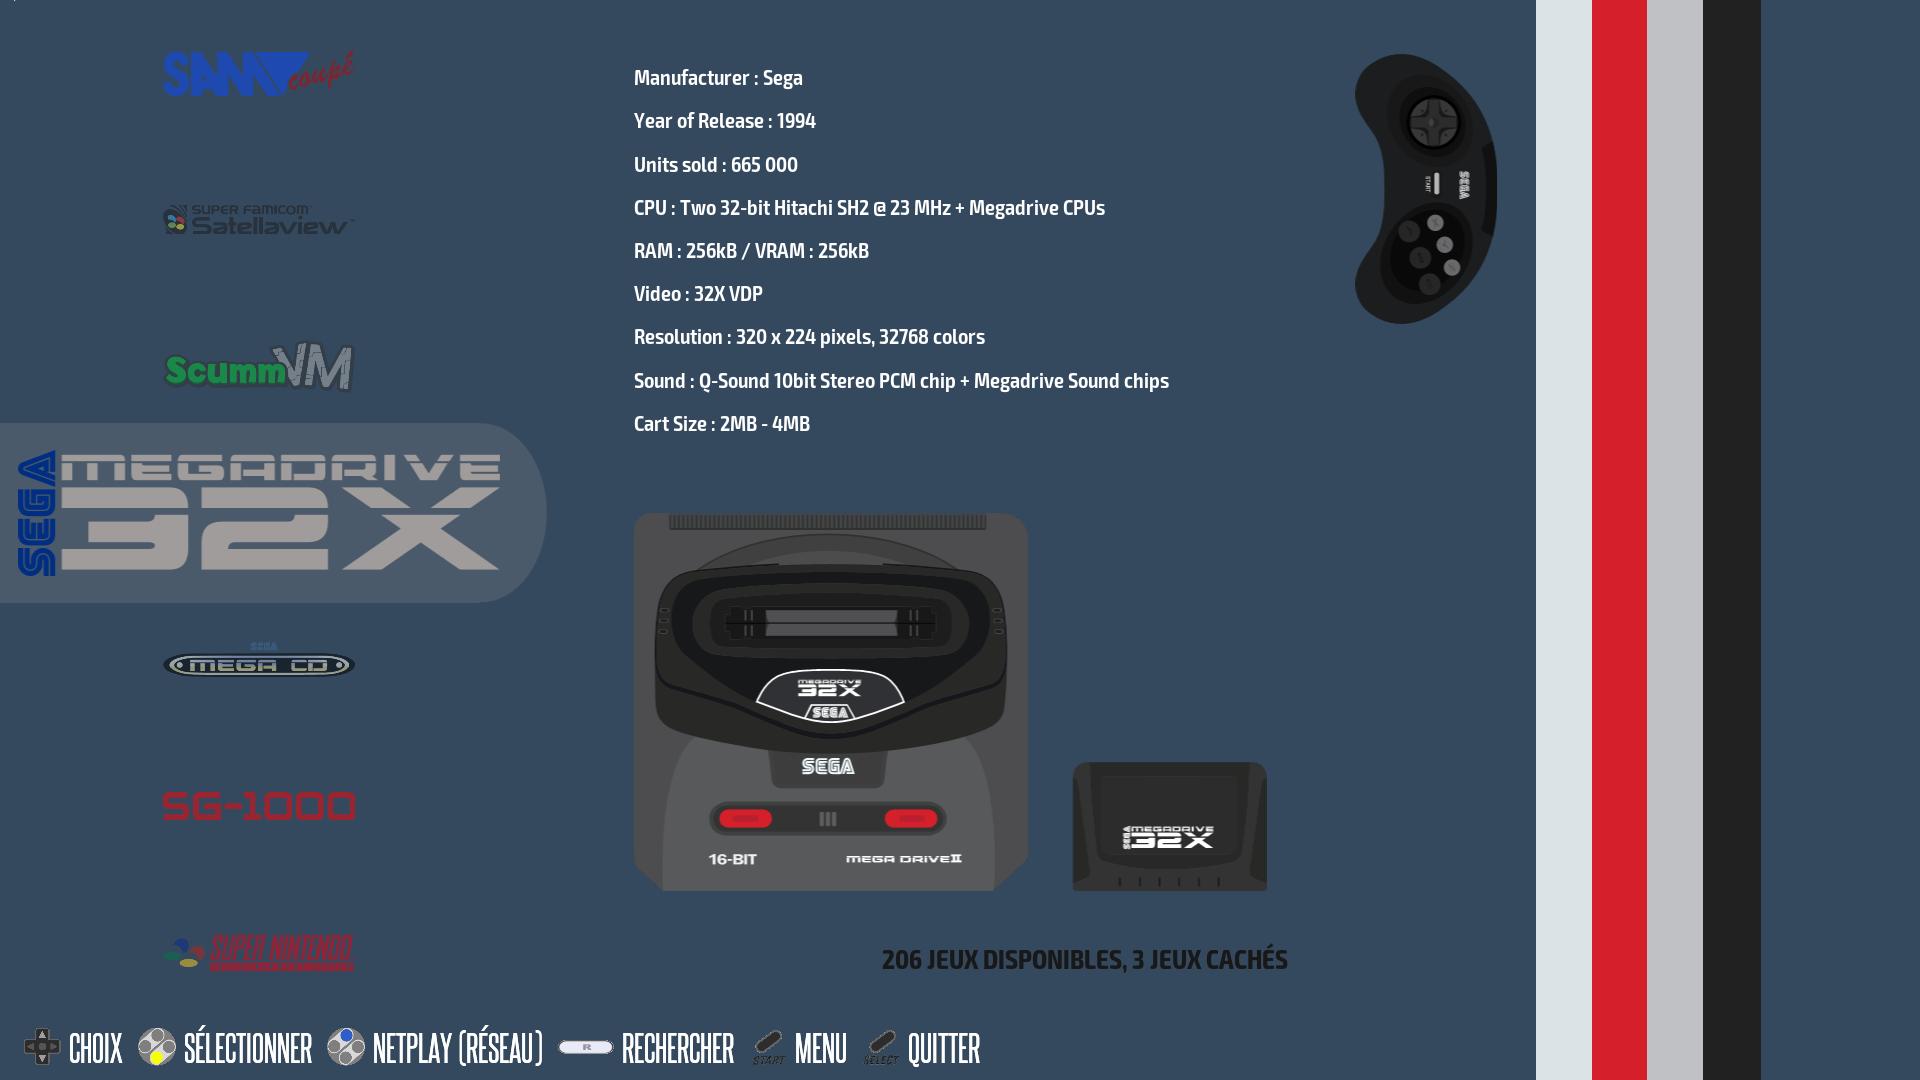 screenshot-2021-04-09T16-36-30-187Z.png